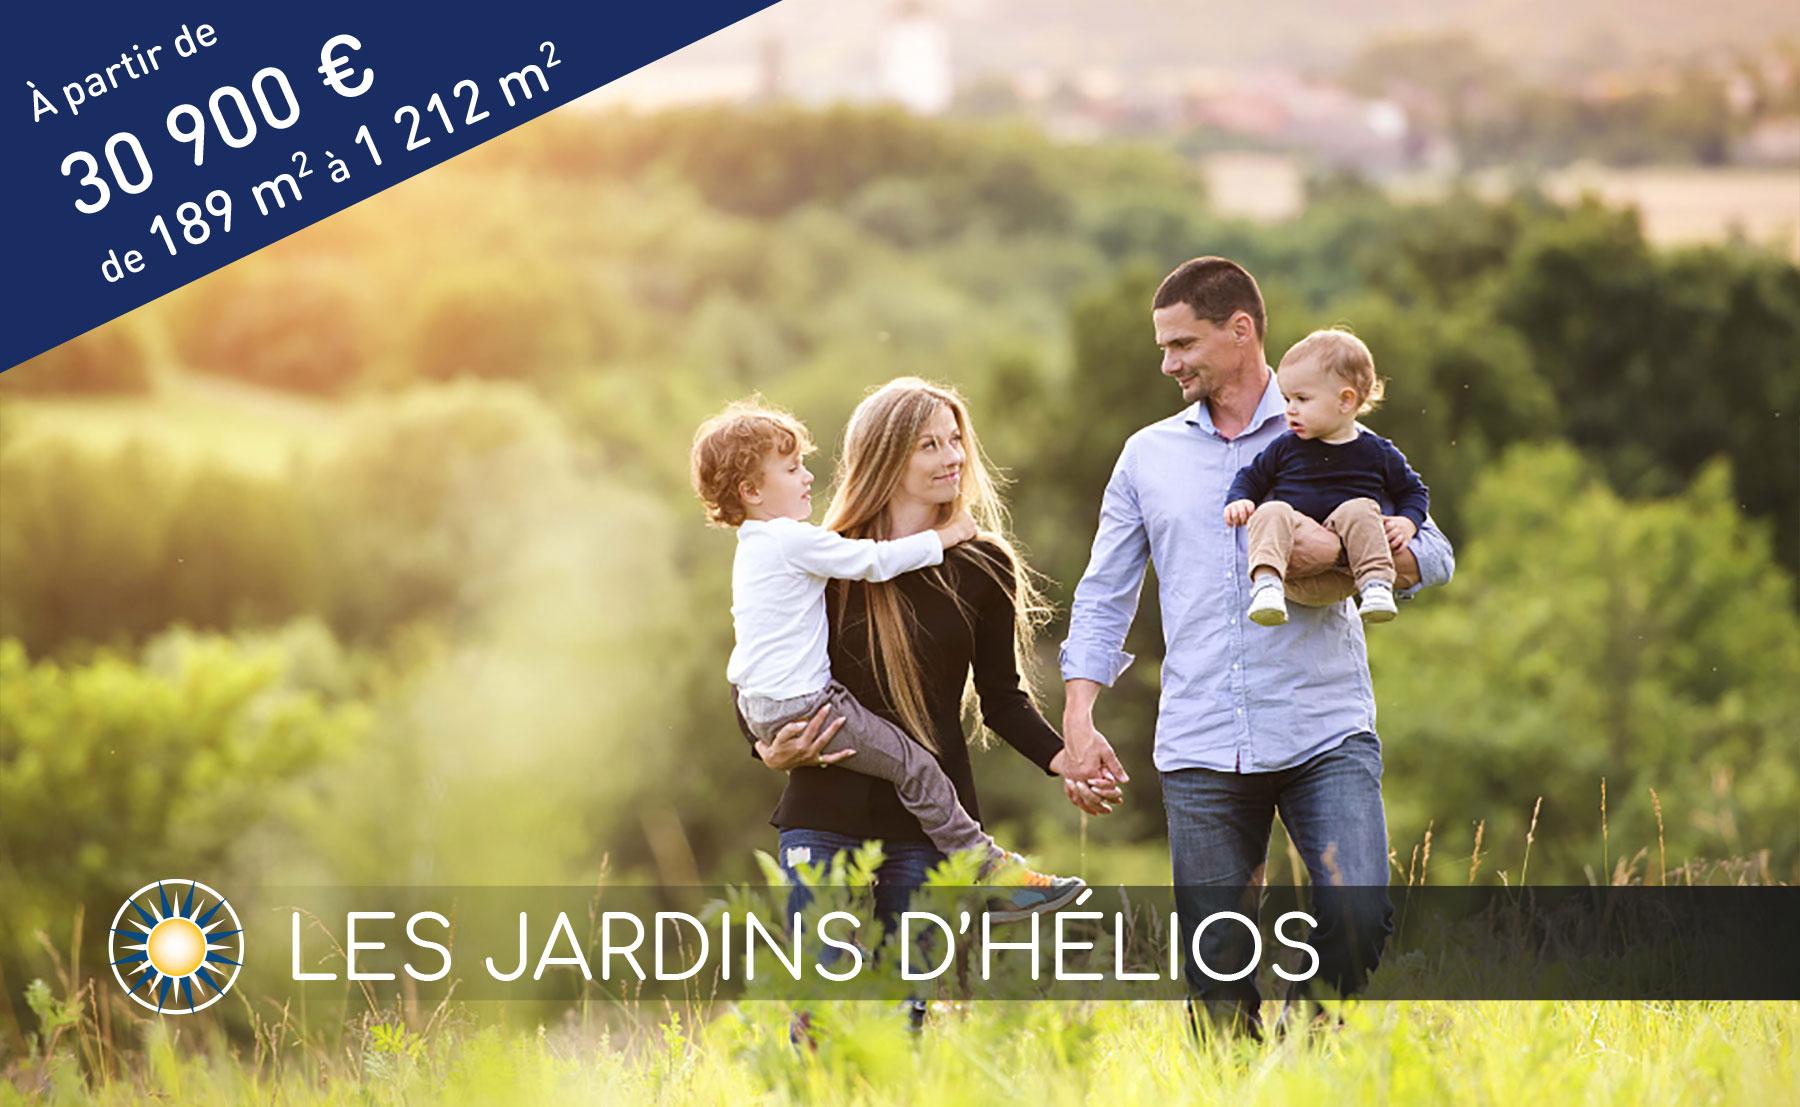 LES JARDINS D'HÉLIOS, Lézignan-Corbières